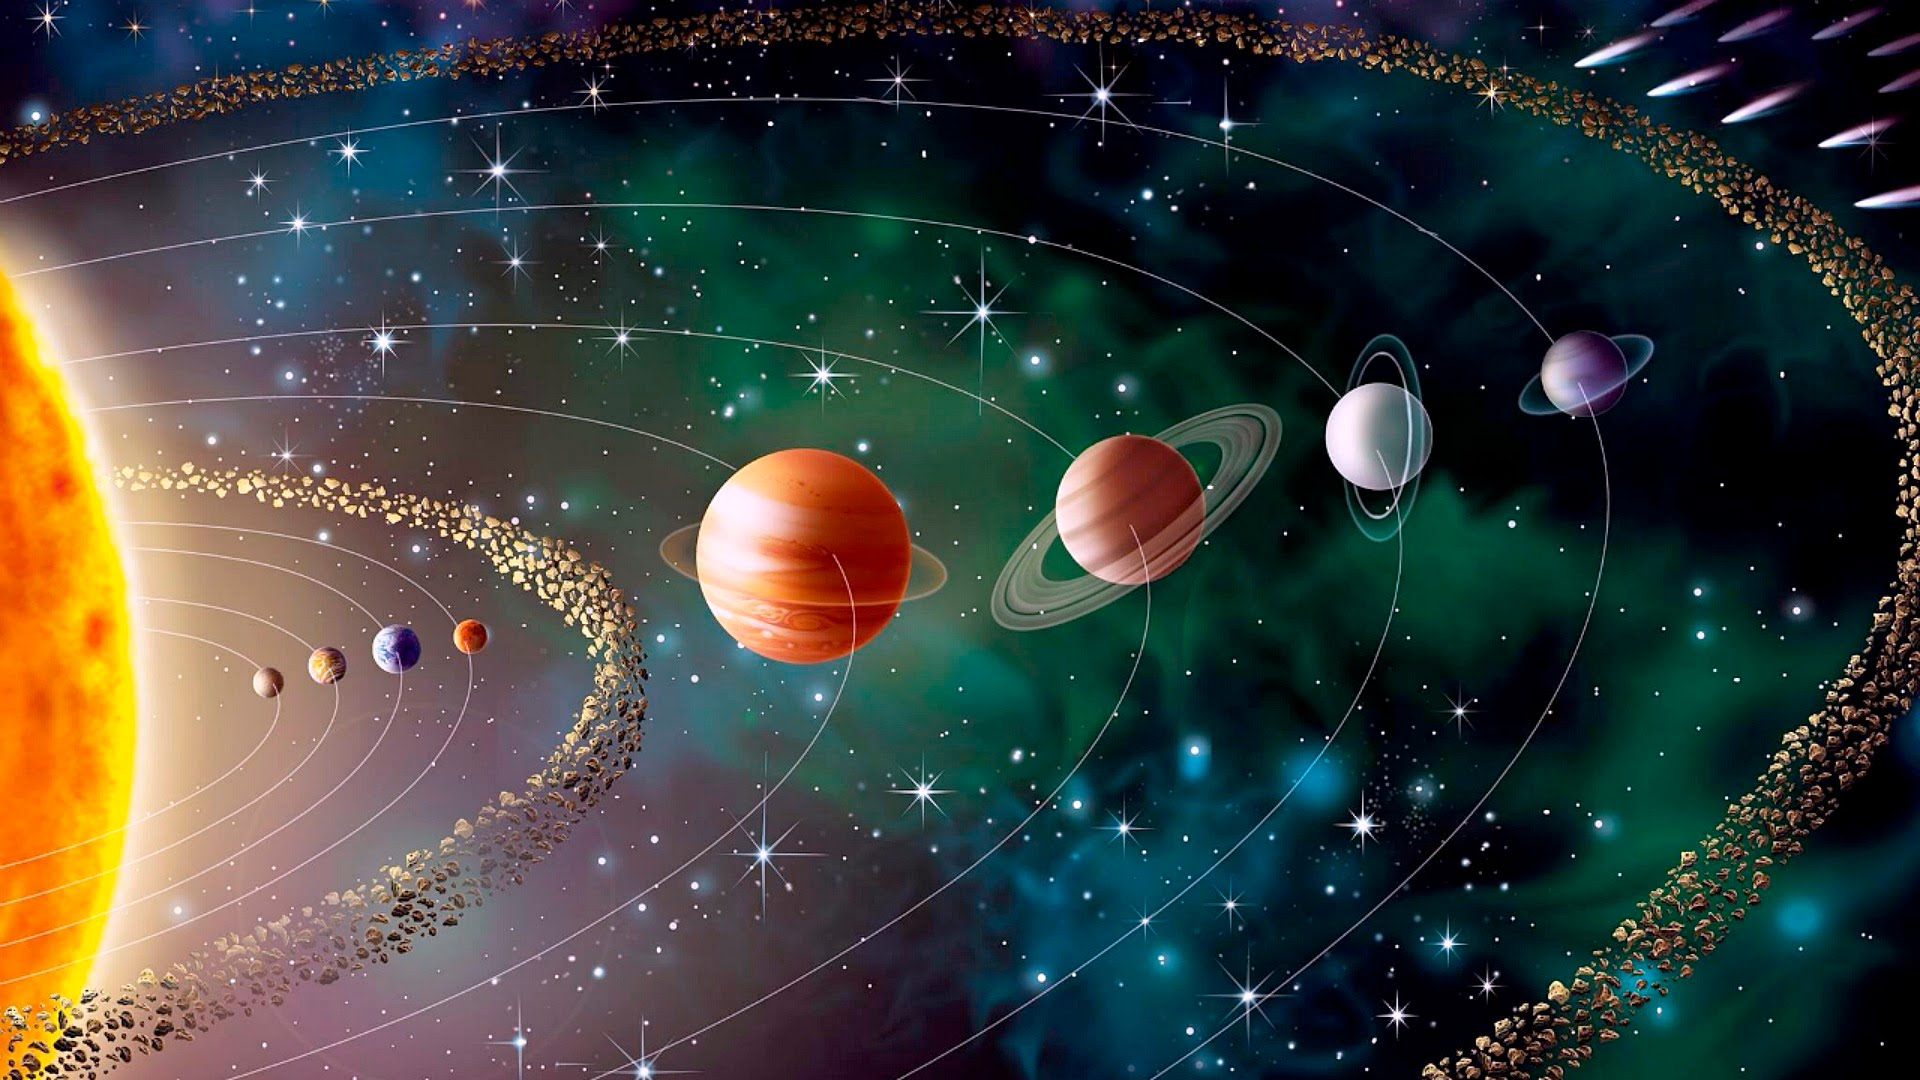 Trapista-1: ¿hay vida en el nuevo sistema solar?